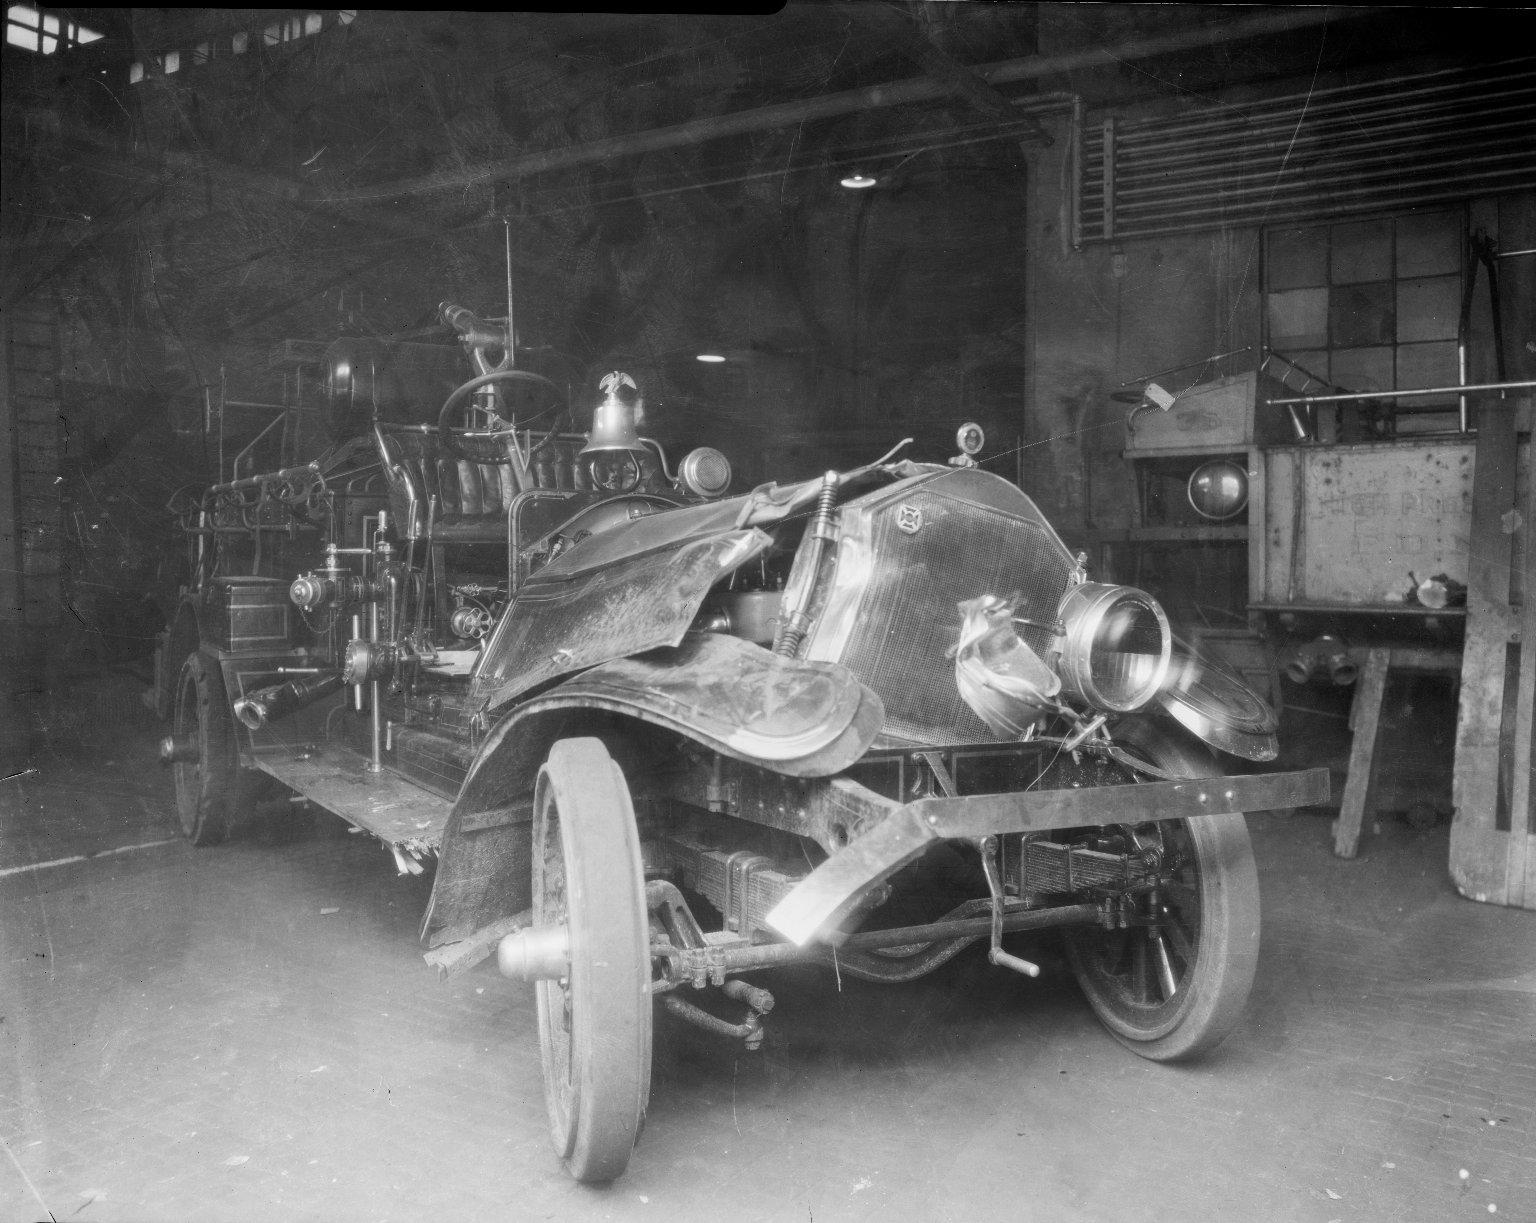 Пожарный автонасос, поврежденный во время пожара на Кони-Айленд, Нью-Йорк, США. 1932 год